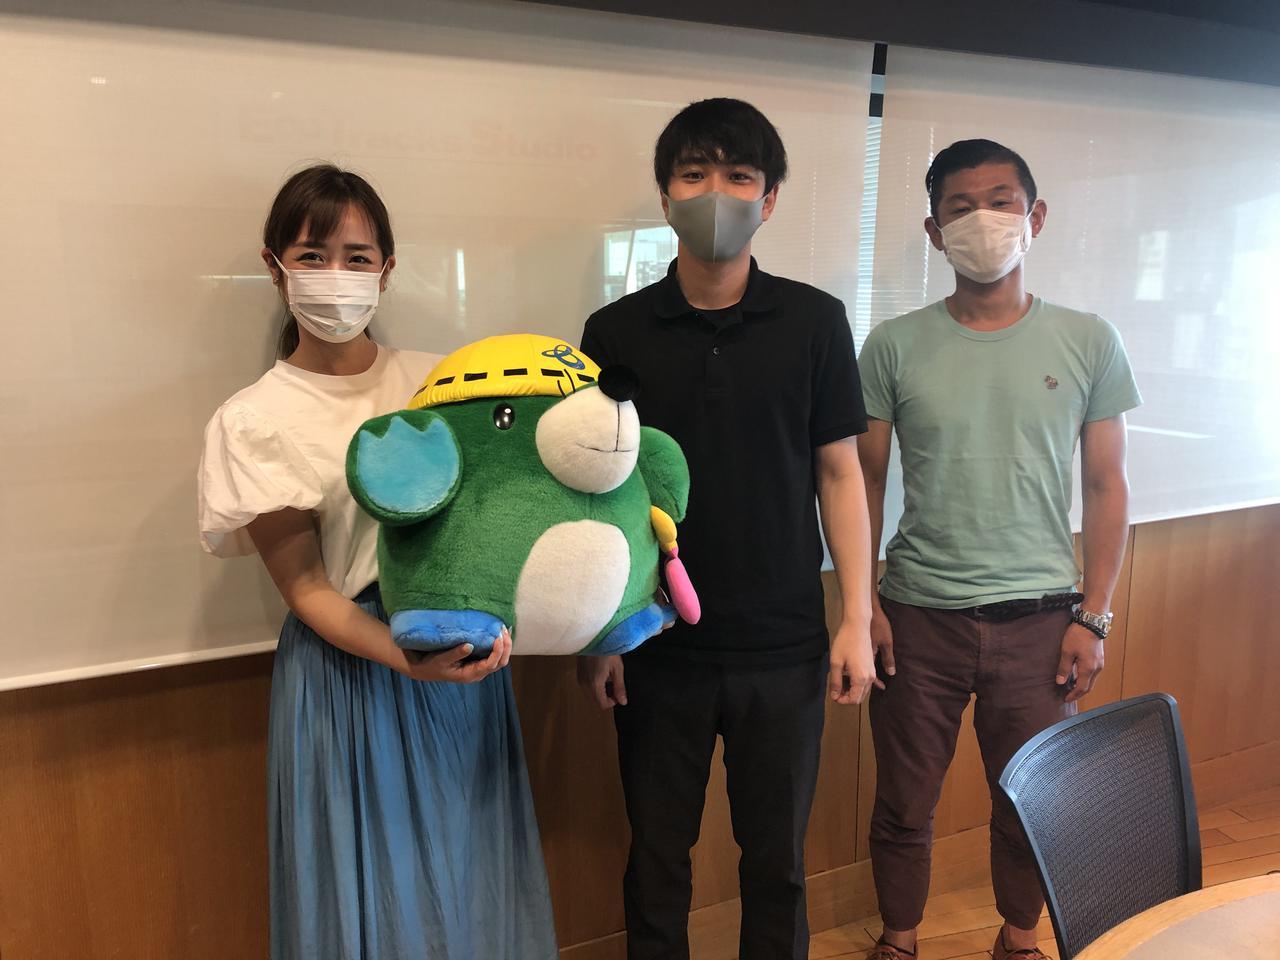 画像1: 7月28日水曜日 阪神高速maruごとハイウェイ!